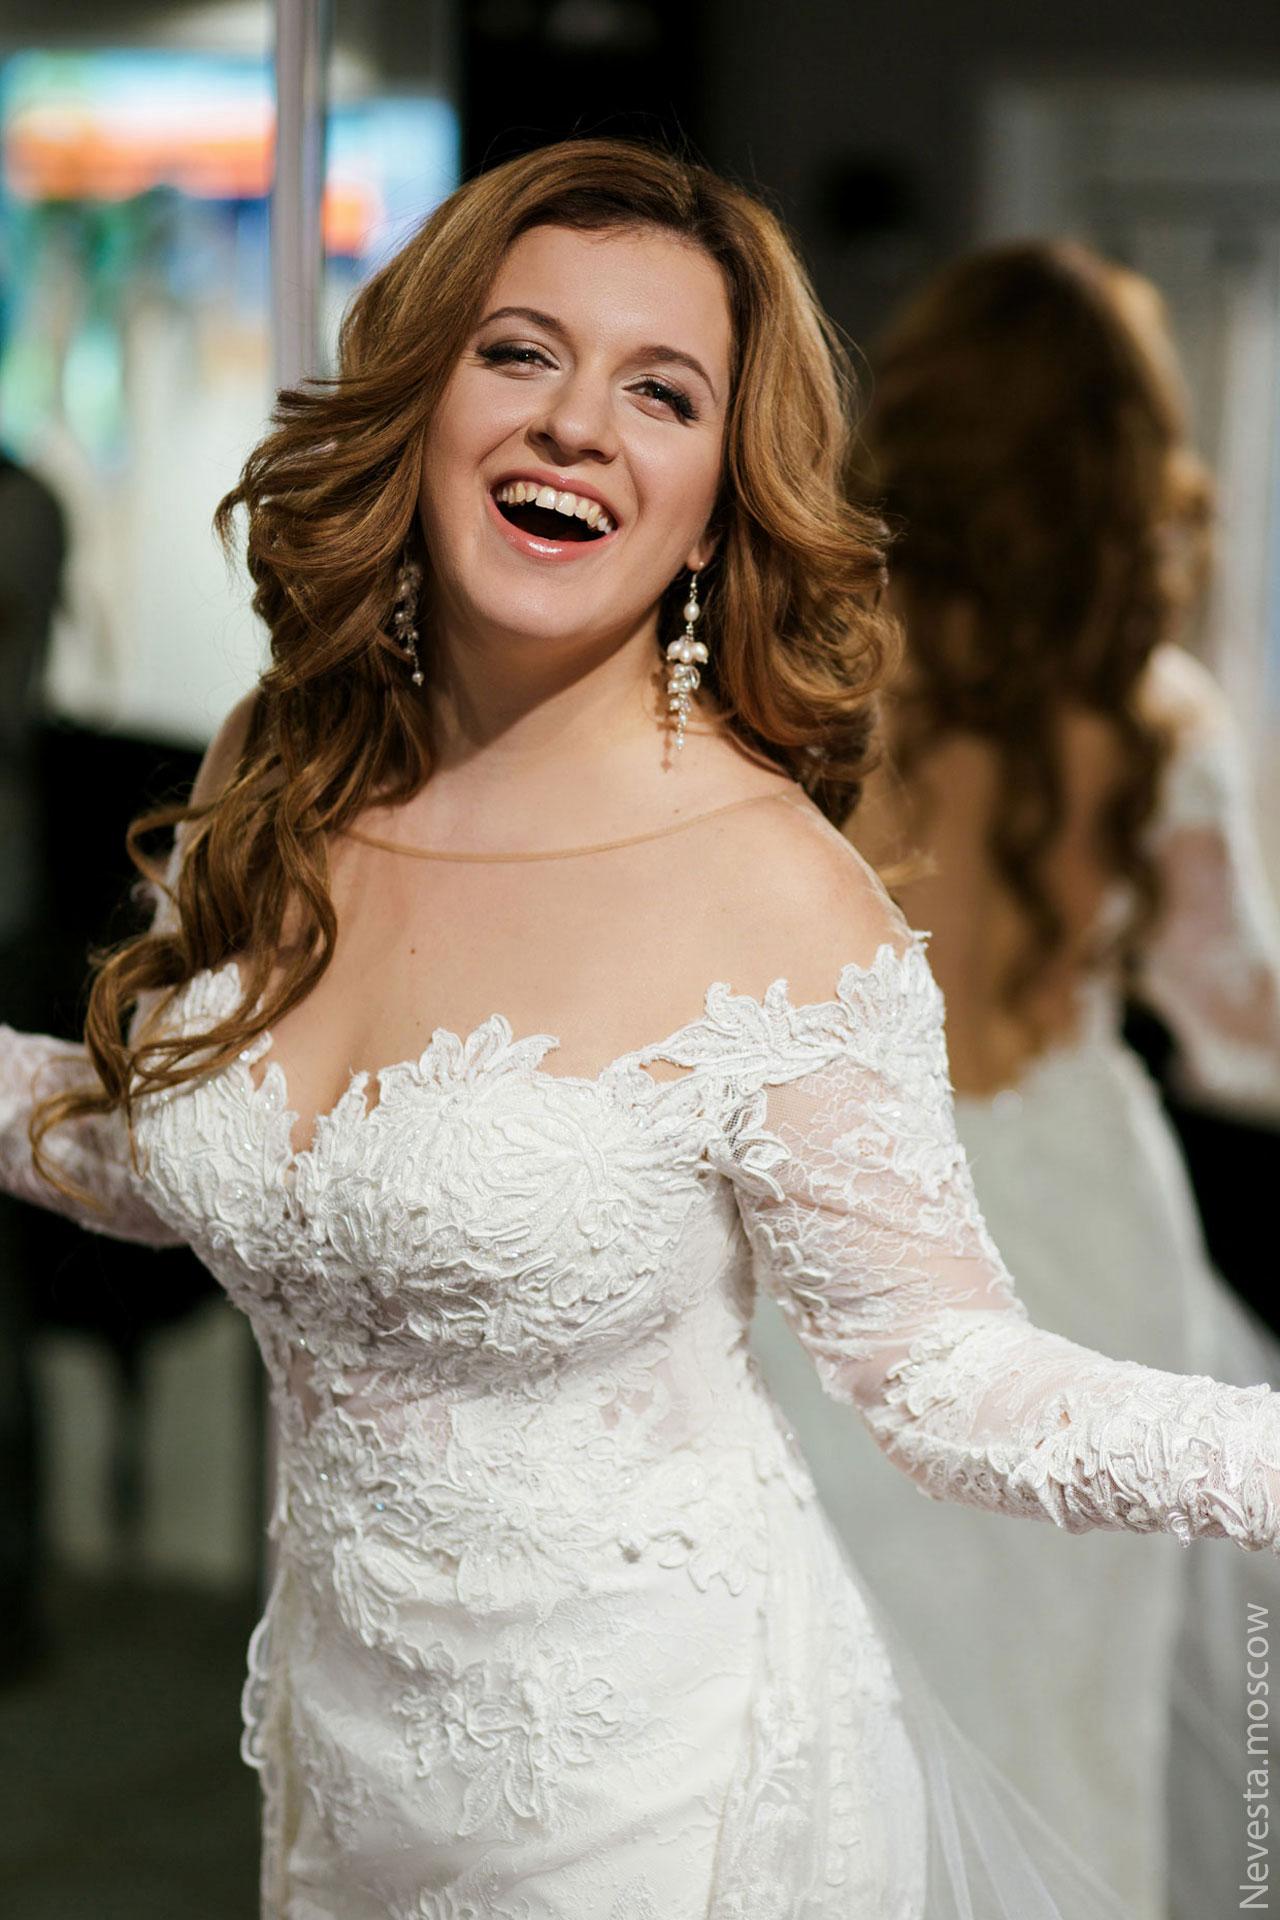 Анастасия Денисова выбирает образ для своей свадьбы фото 23